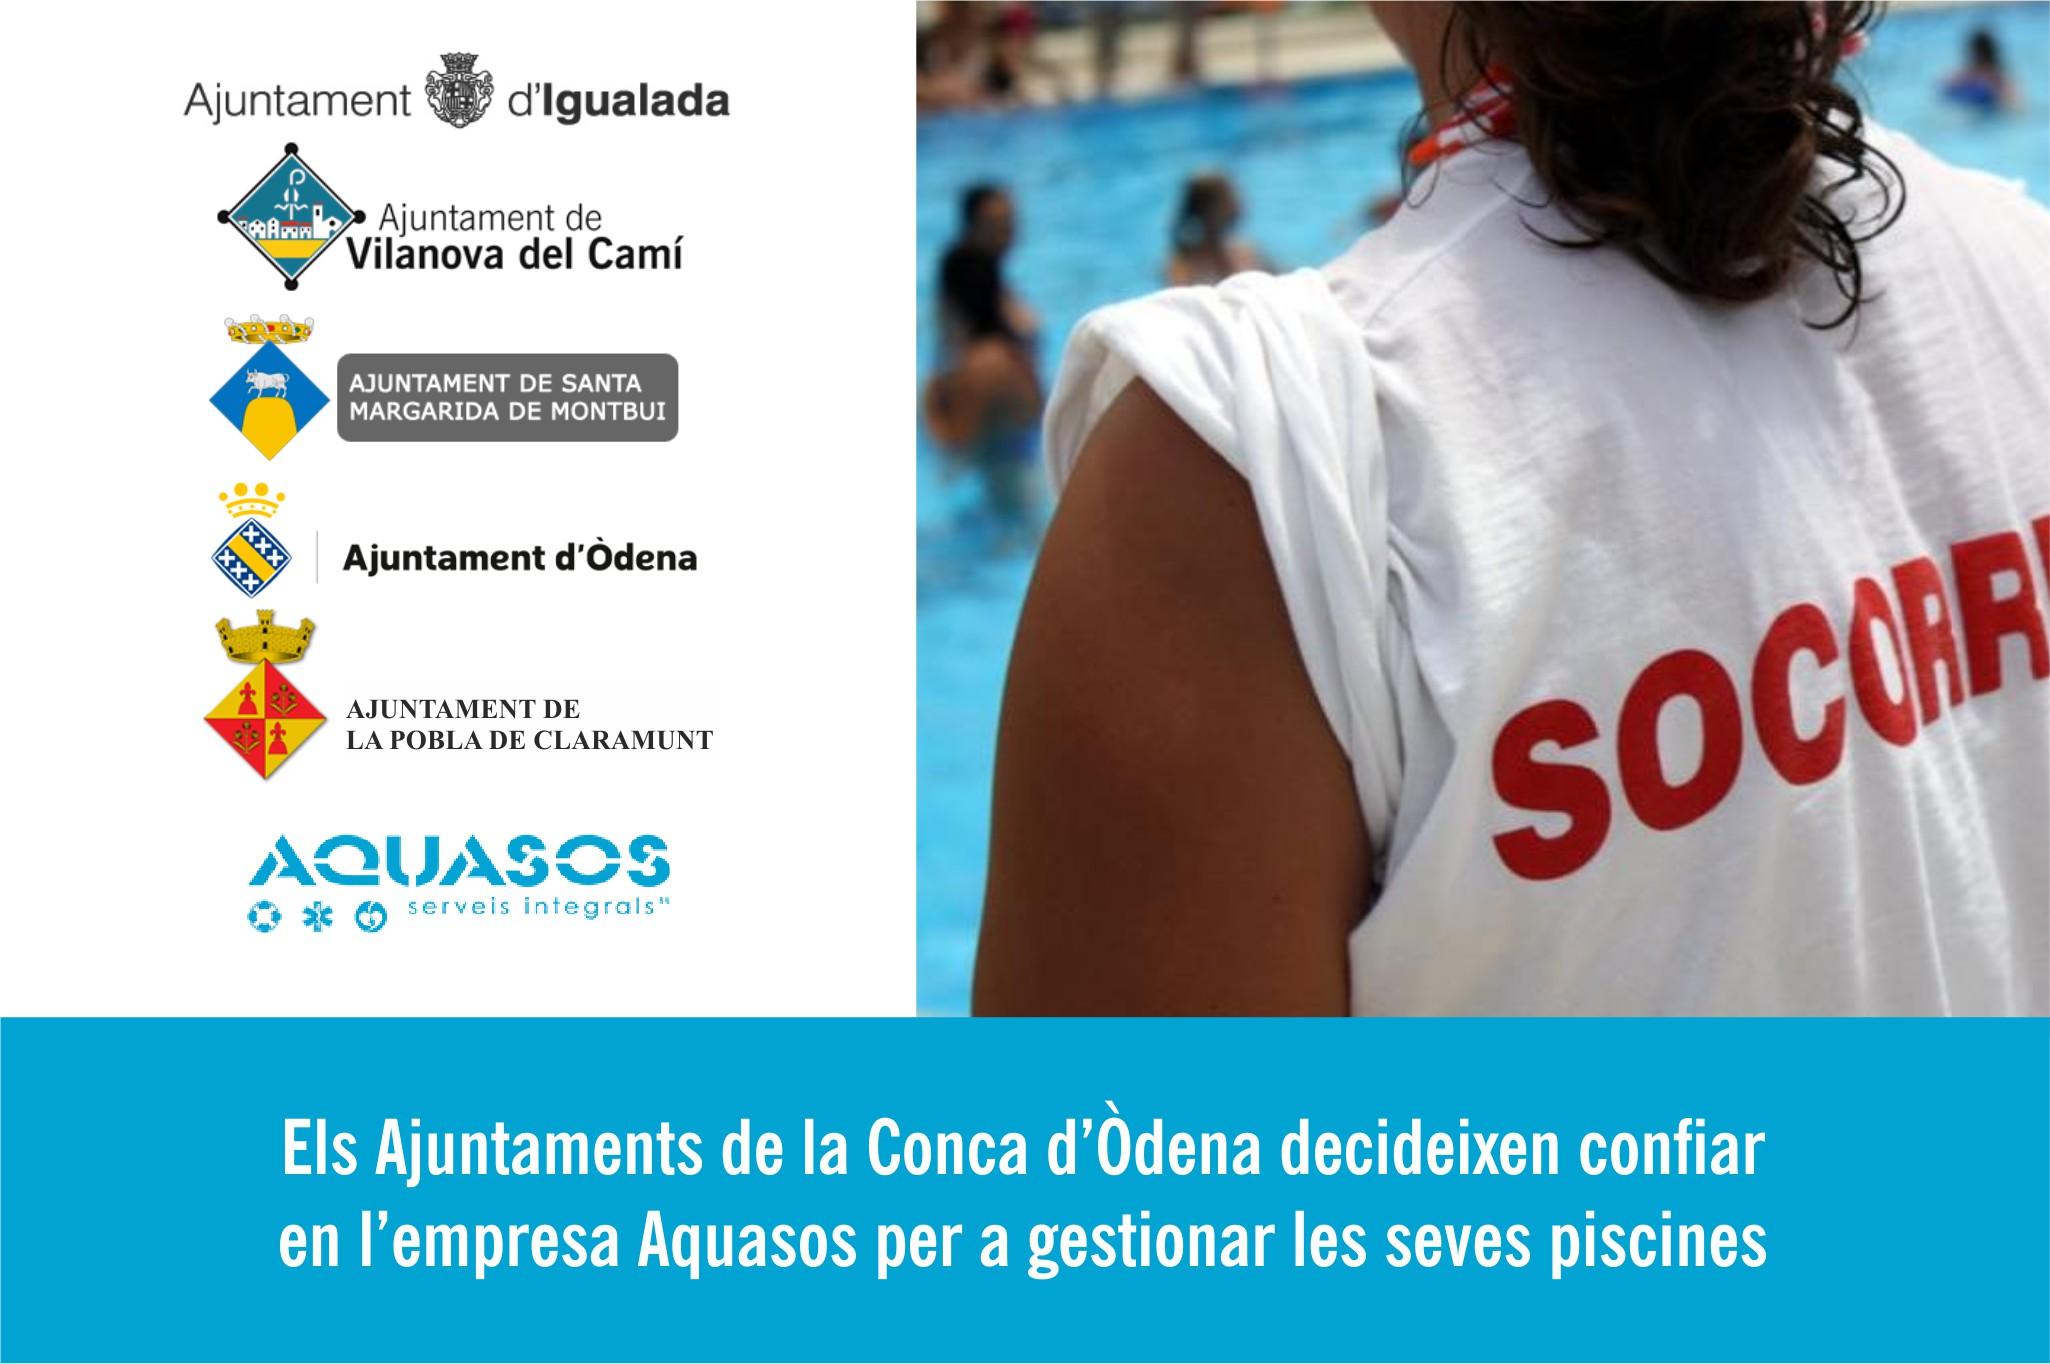 Els ajuntaments de la Conca d'Òdena aposten pels socorristes d'Aquasos